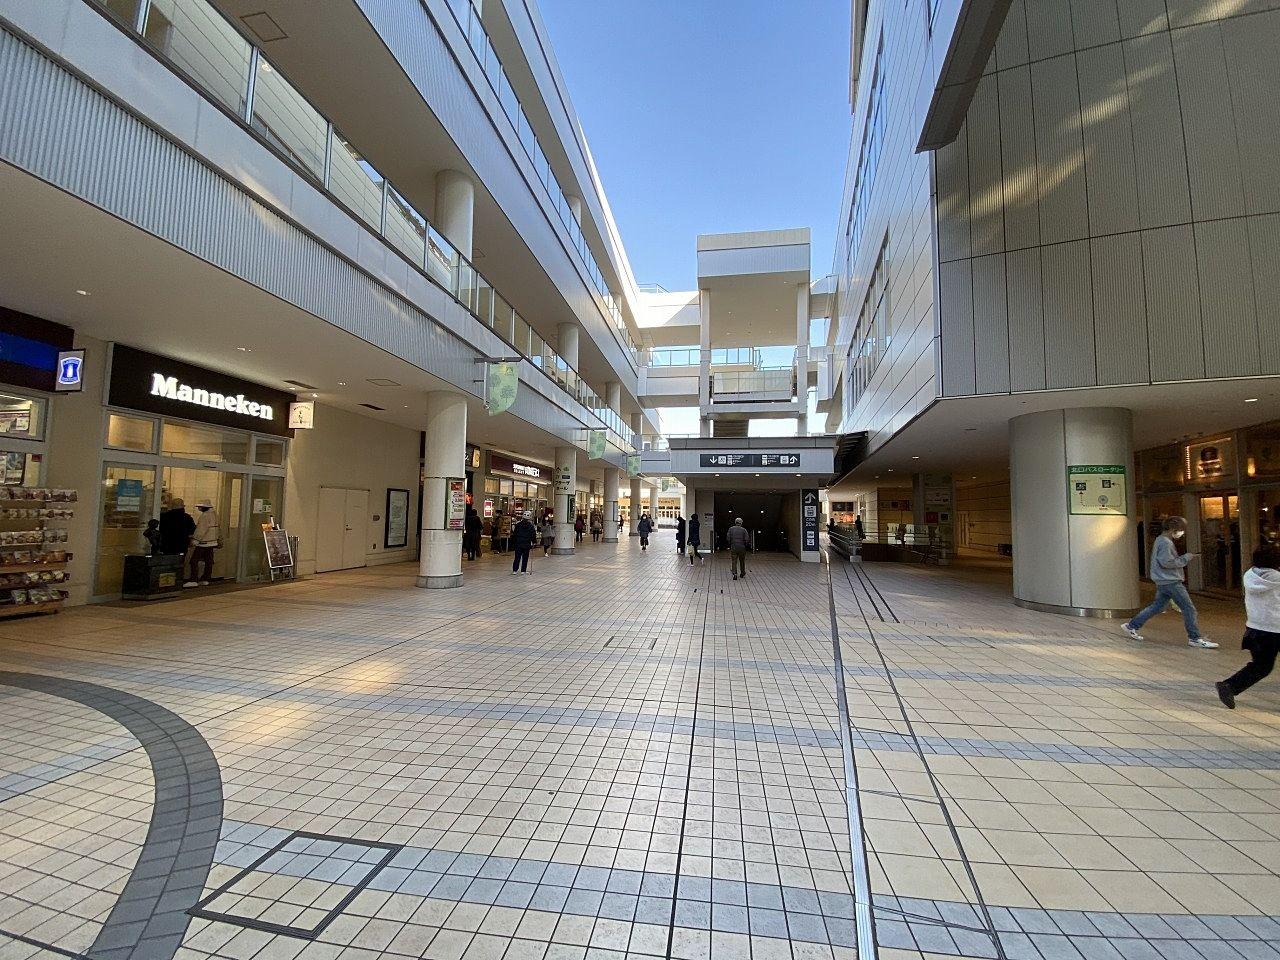 〒225-0002 横浜市青葉区美しが丘2-1-27 第5正美ビルまでのたまプラーザ駅からの道のり